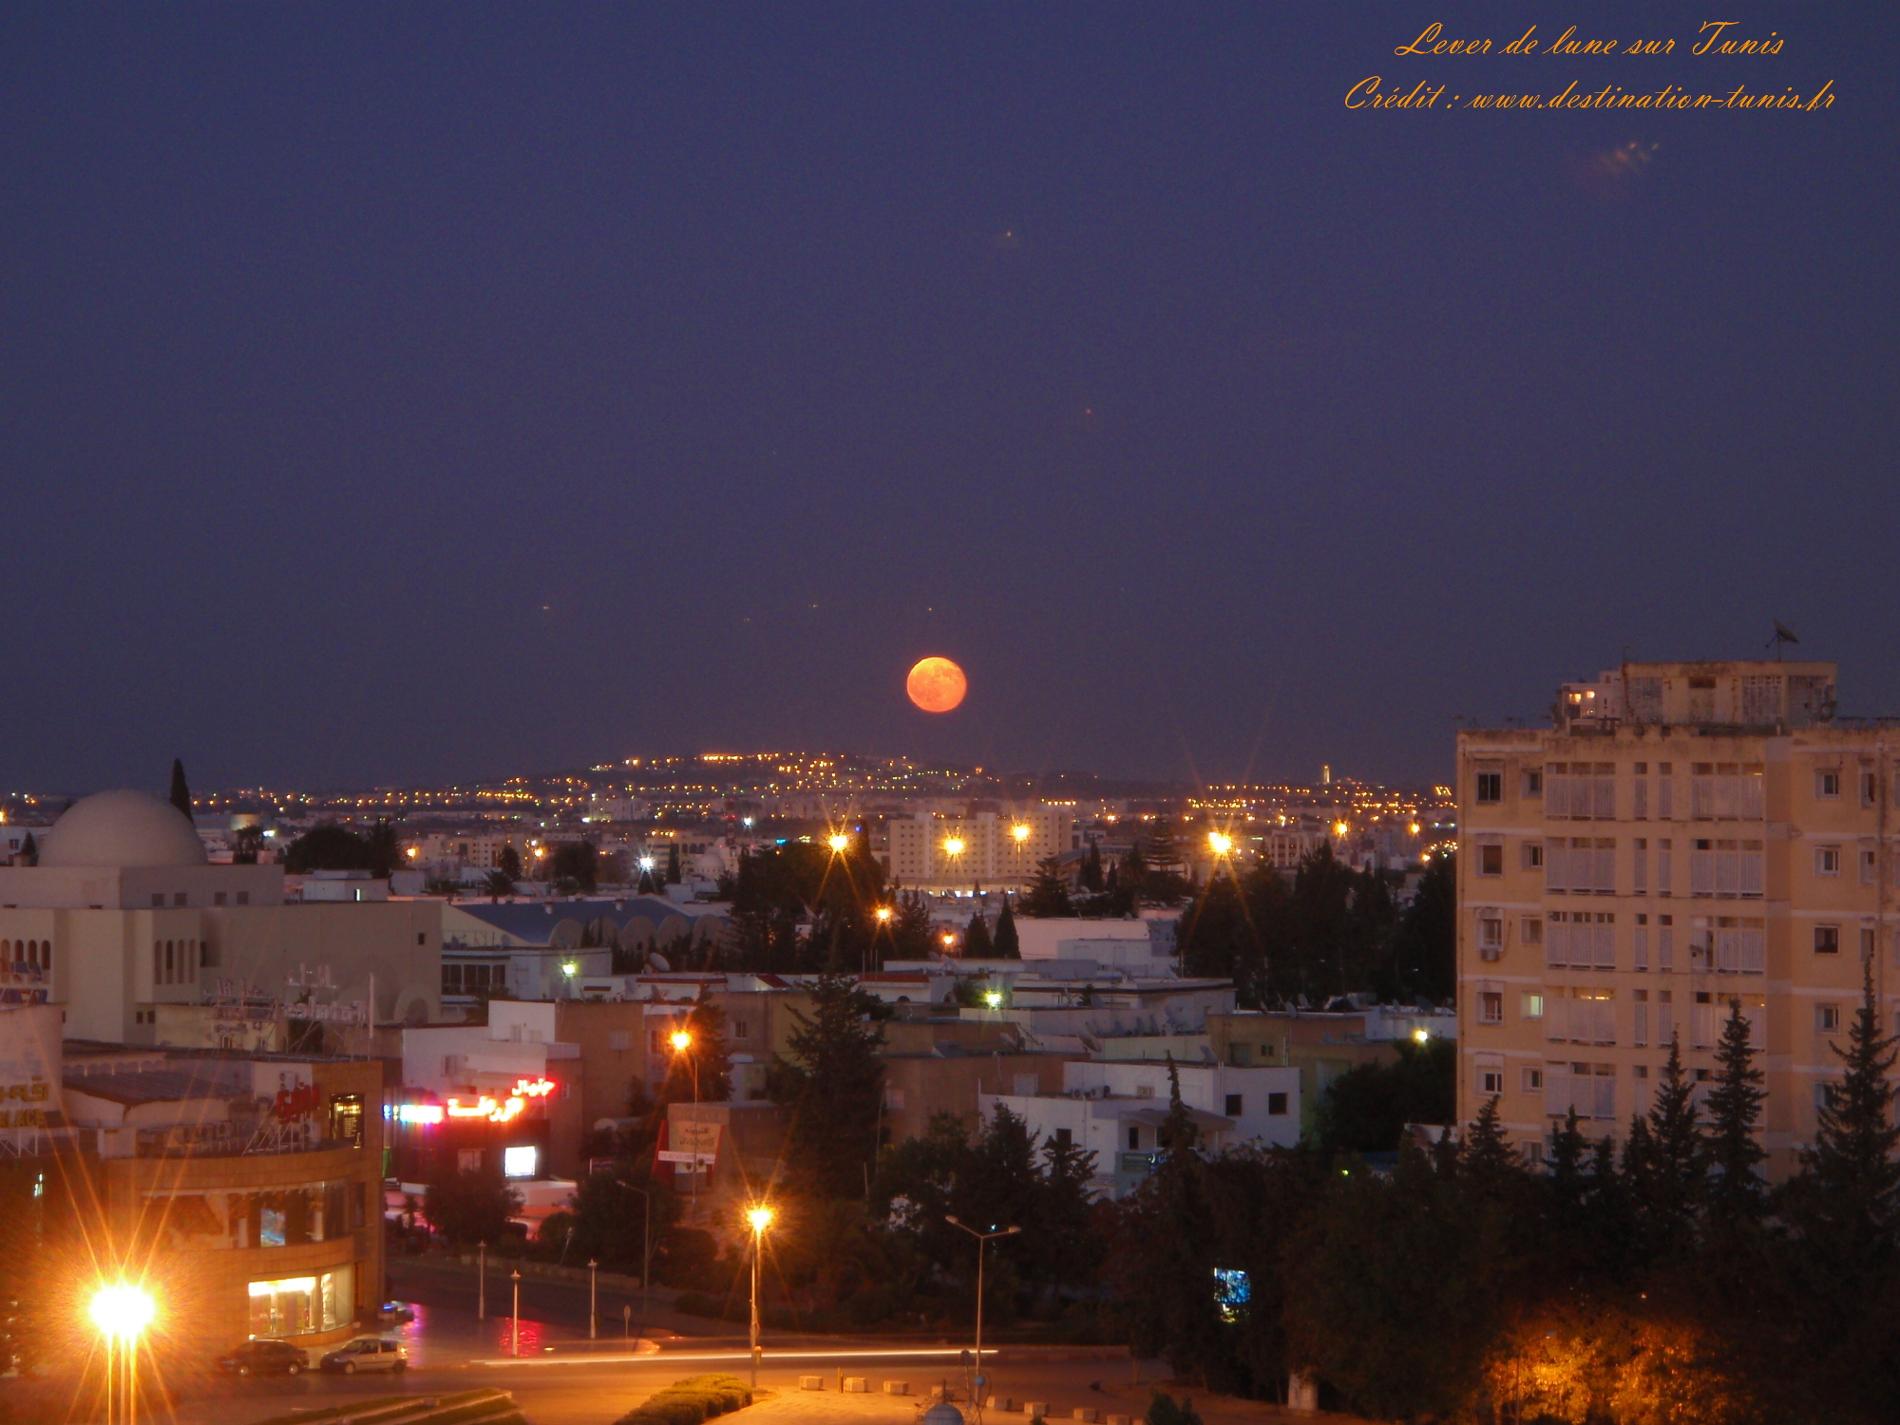 Fonds d'écran Mer et Plages Lever de Lune Tunis Tunisie